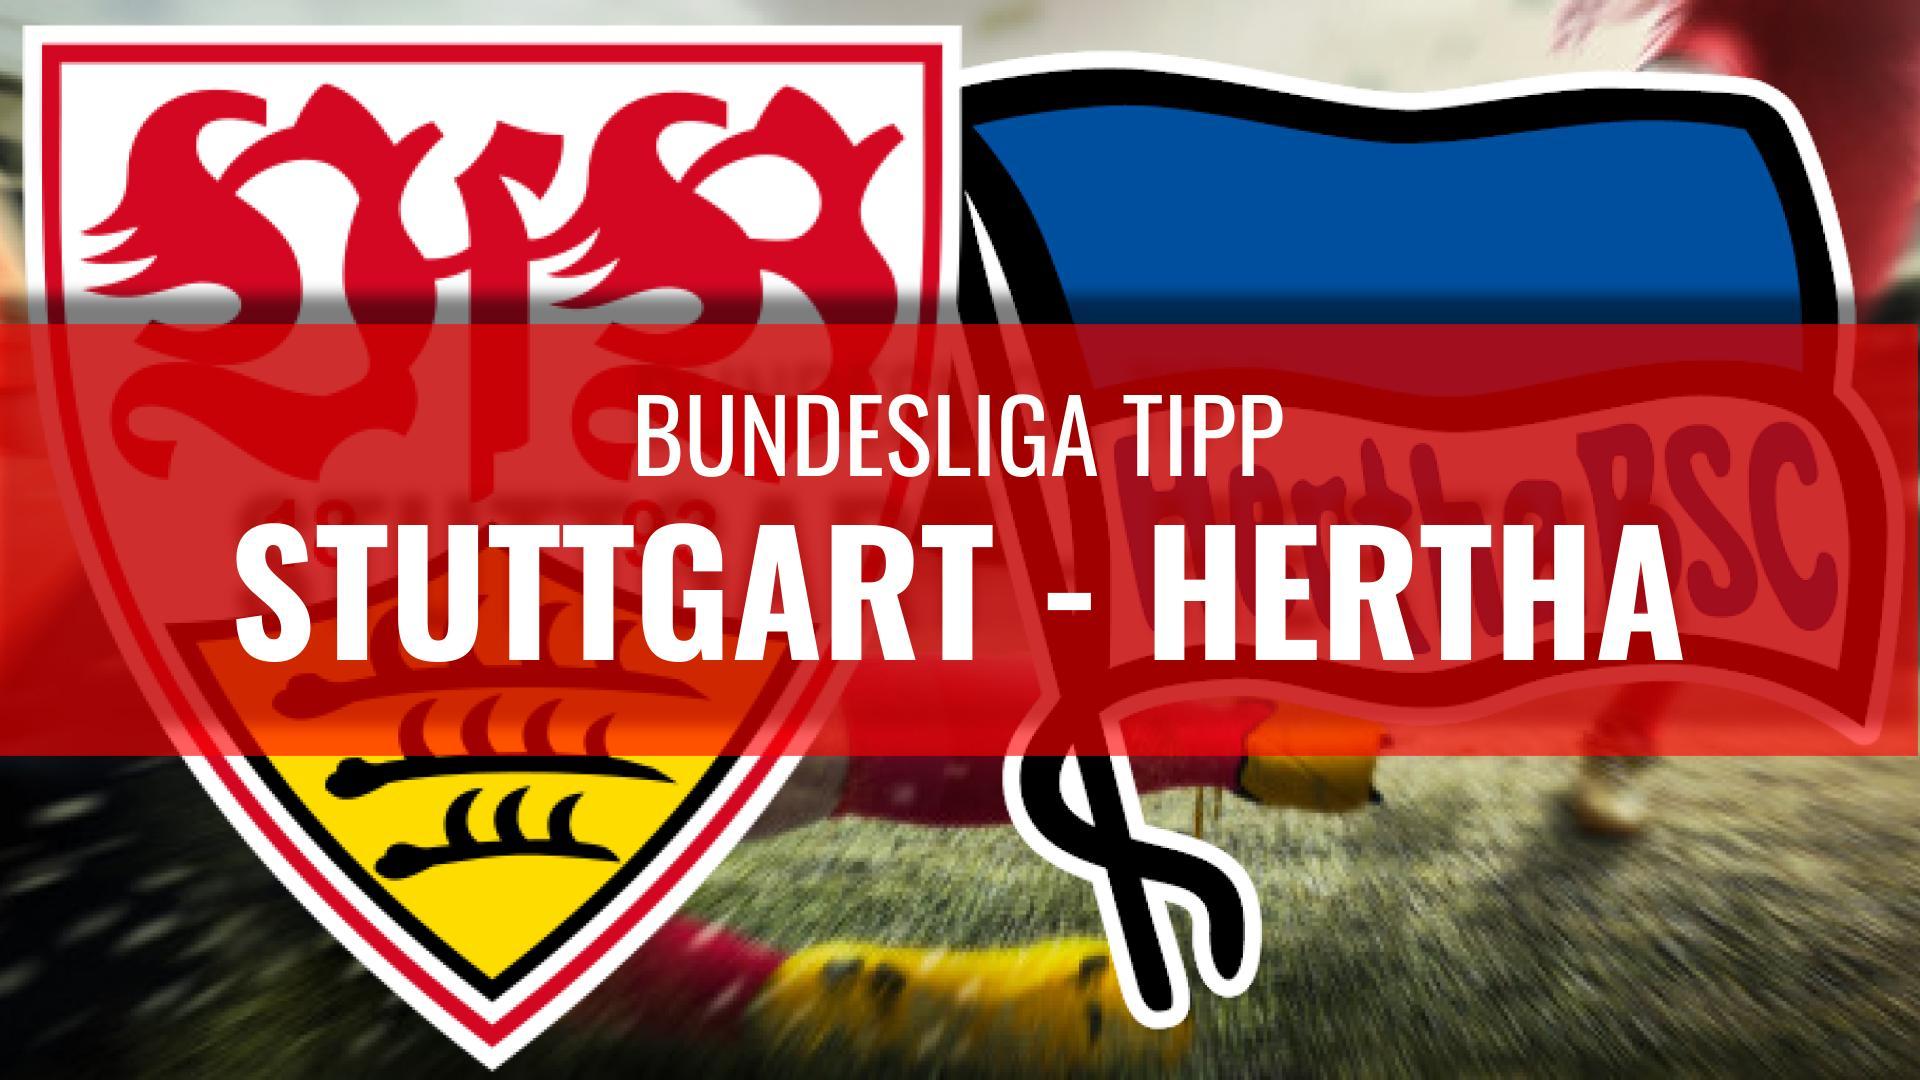 STUTTGART-HERTHA-Bundesliga-Wett-Tipps-21